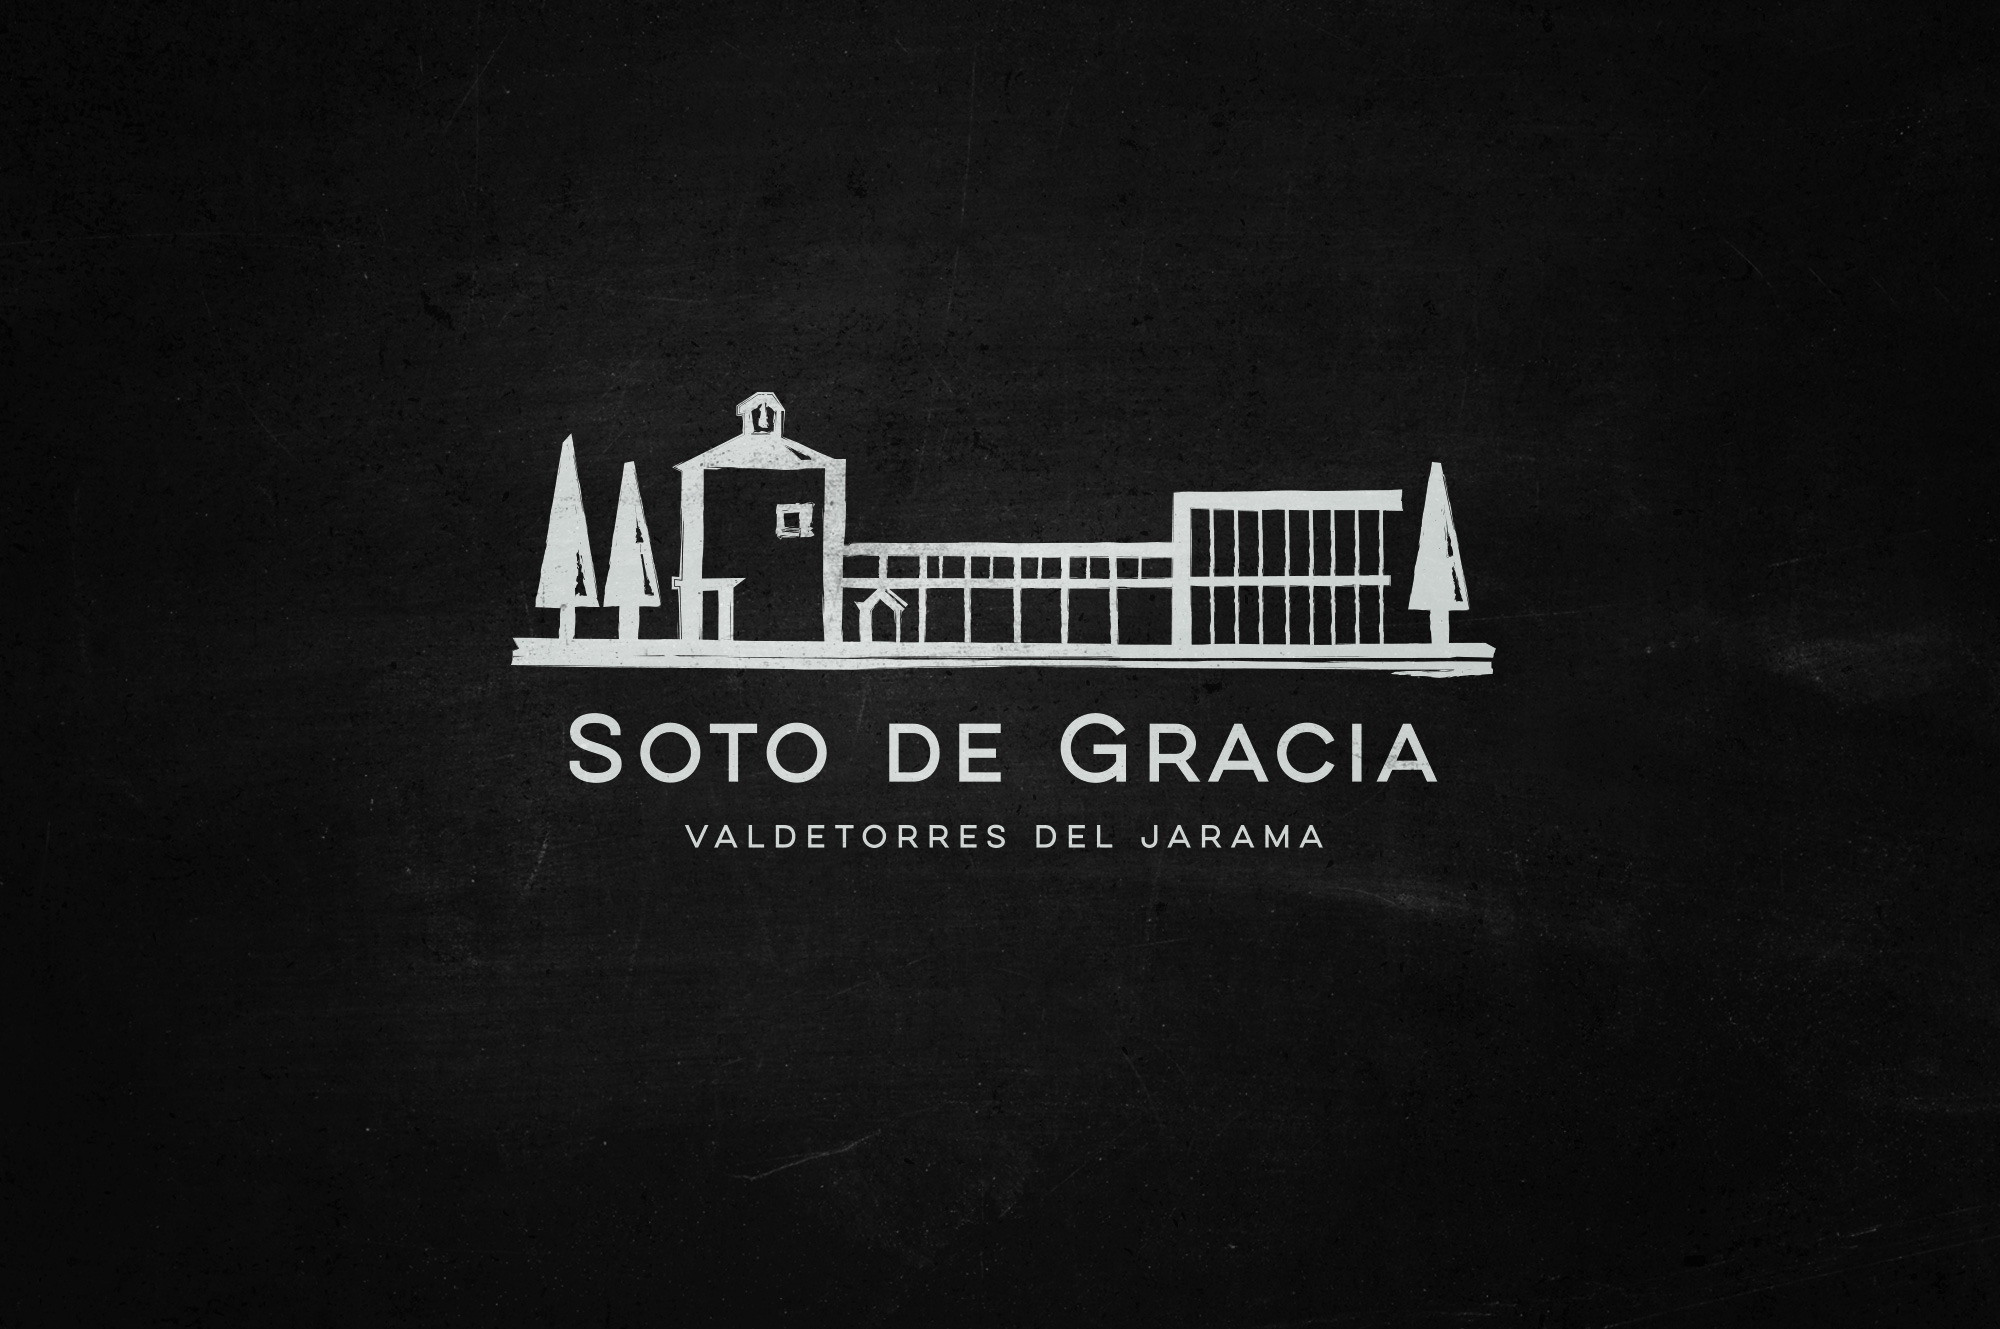 soto-de-gracia-02